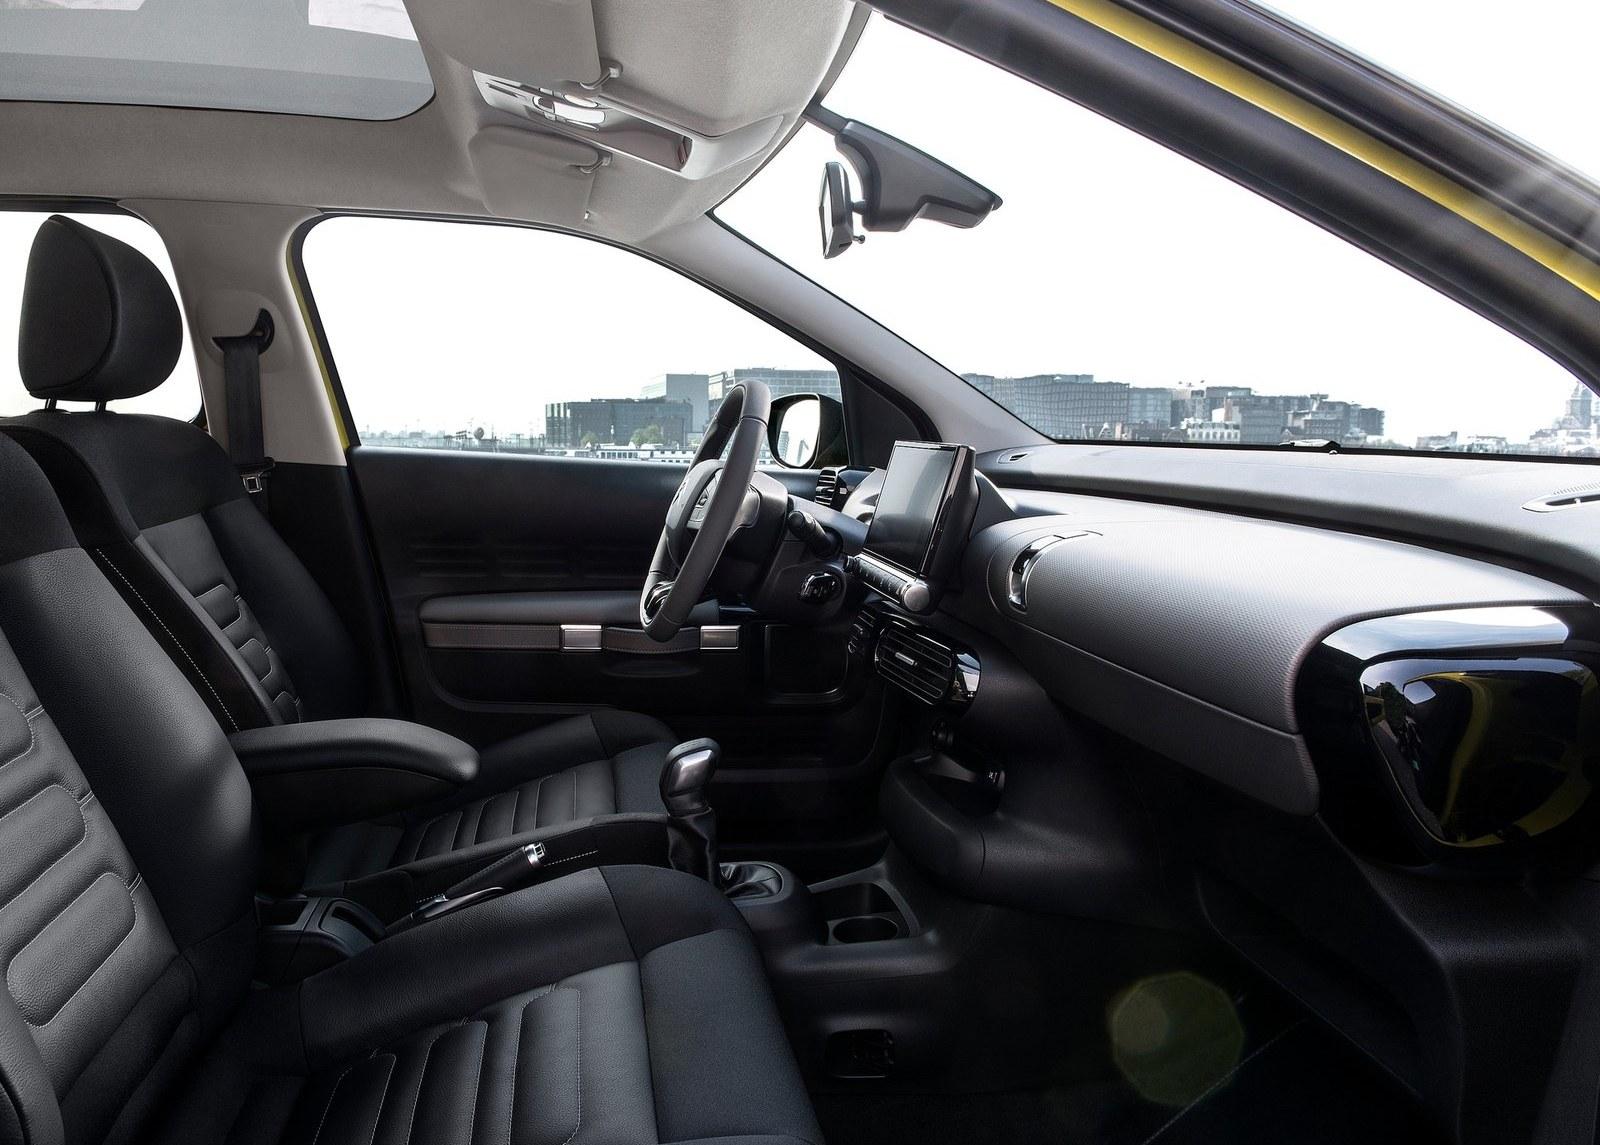 2015 Citroen C4 Cactus Front Seats Interior (View 19 of 21)